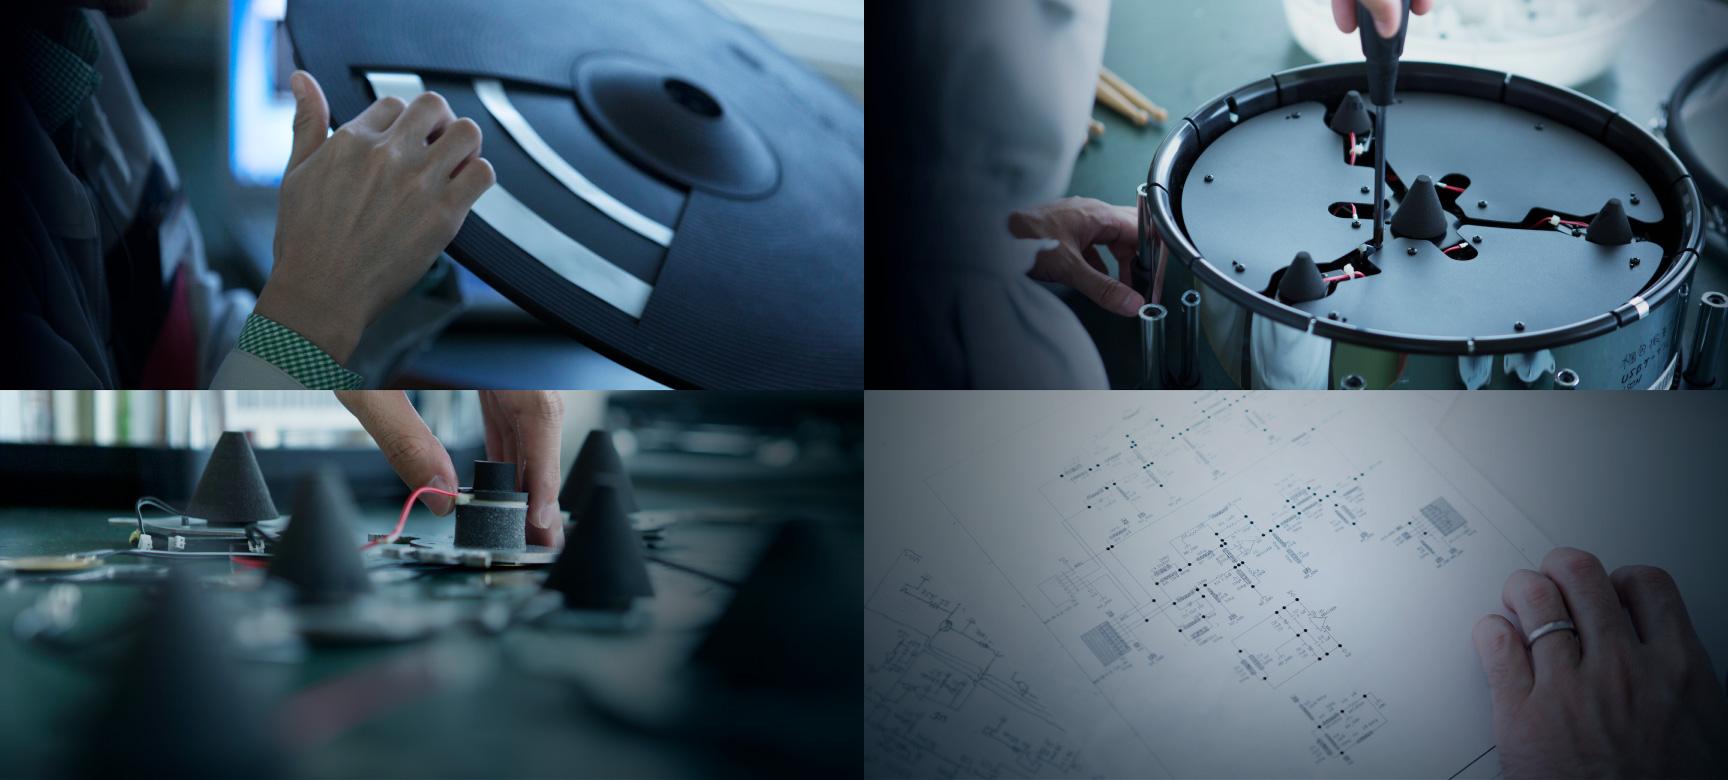 Innovation of V-Drums